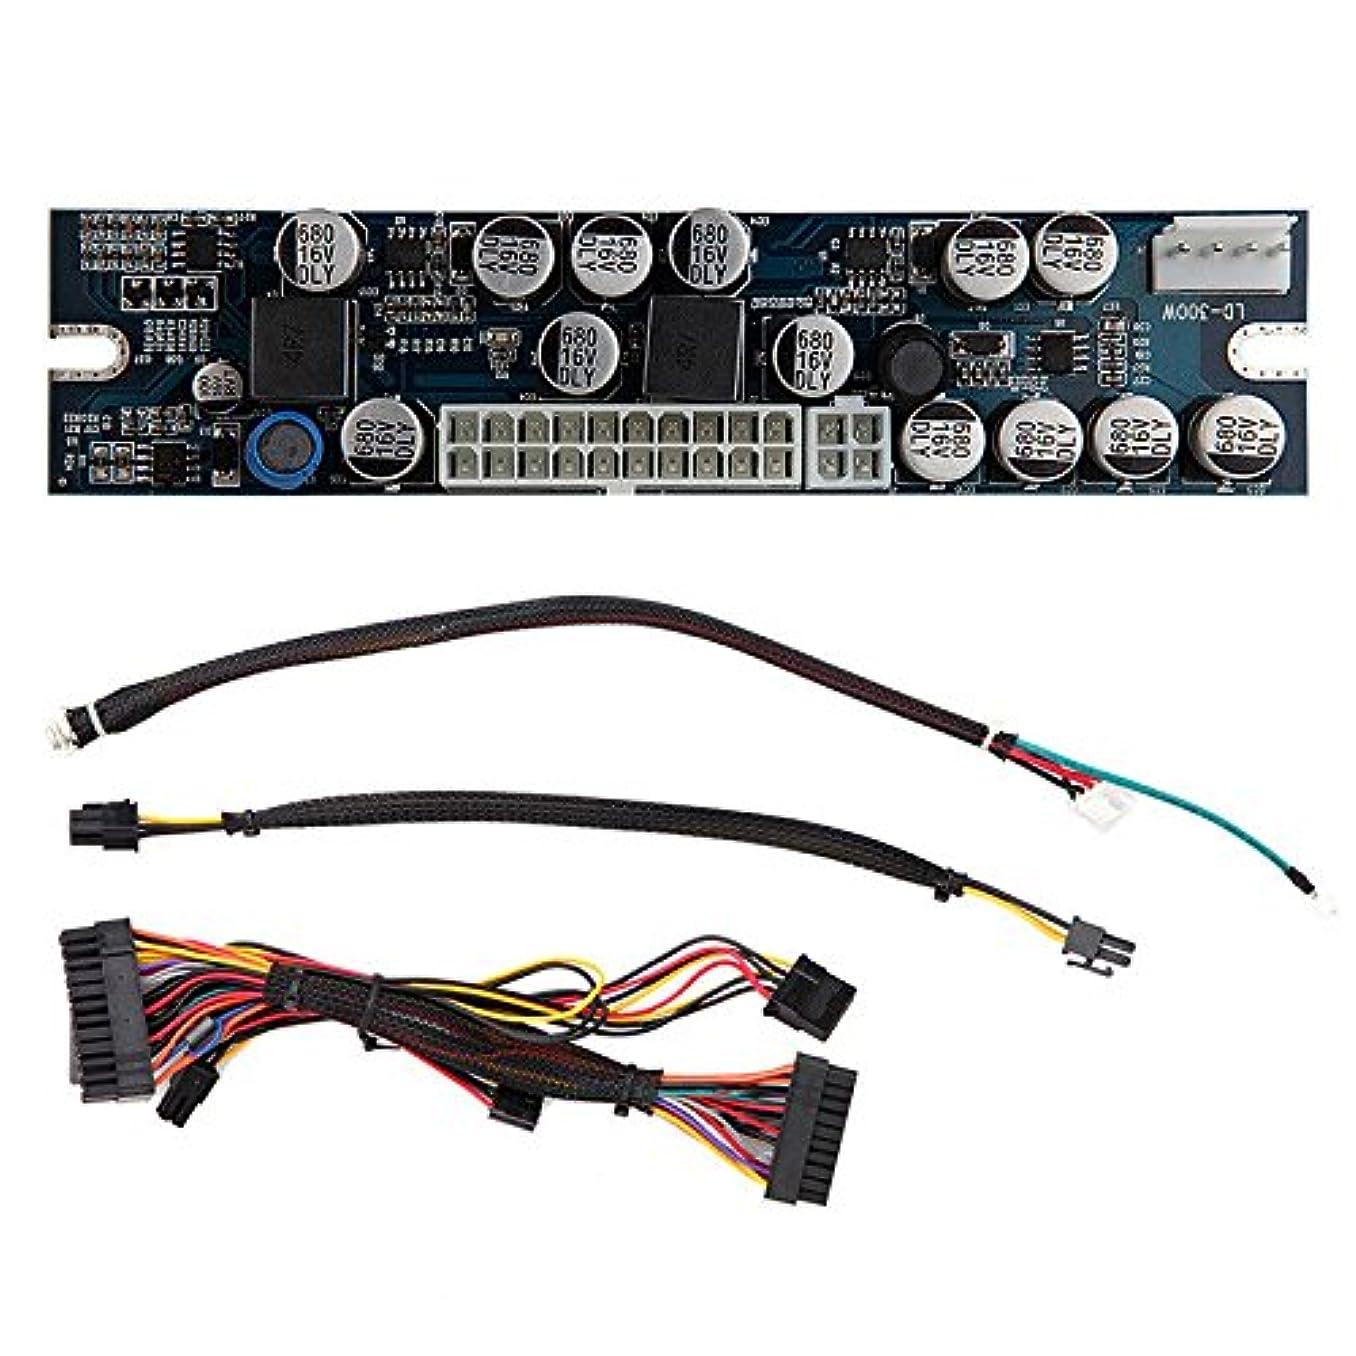 信号個人的に姿勢FidgetGear 新しい1PCS DC ATX 300W 24ピンATX電源モジュール12VハイパワーAR22